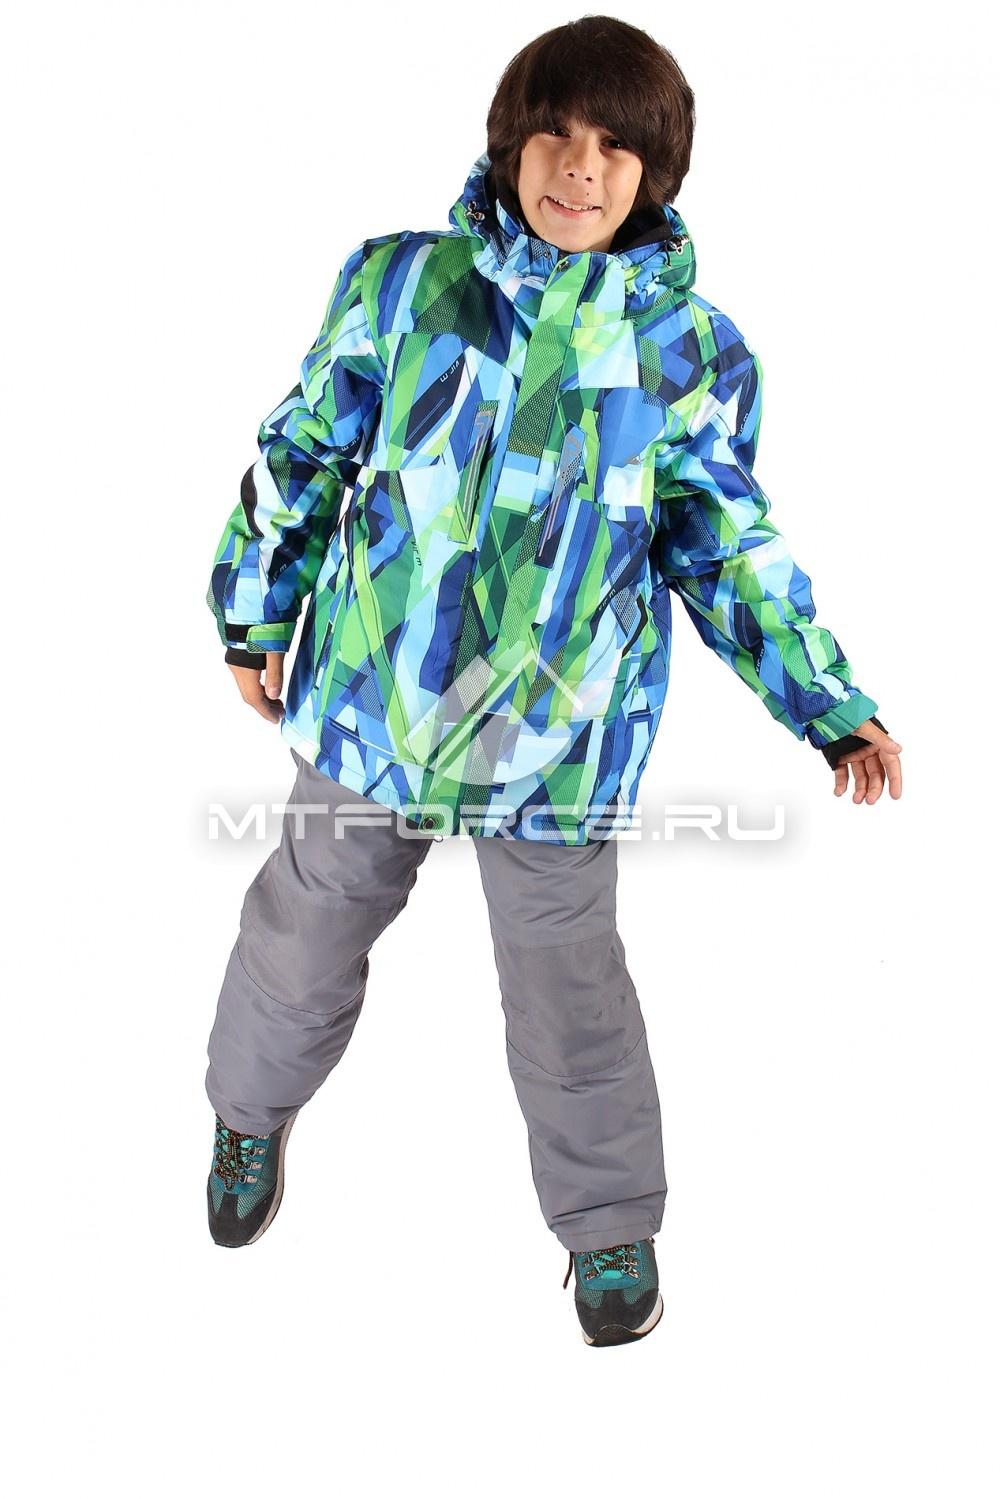 Купить                                  оптом Костюм горнолыжный  для мальчика салатового цвета 424Sl